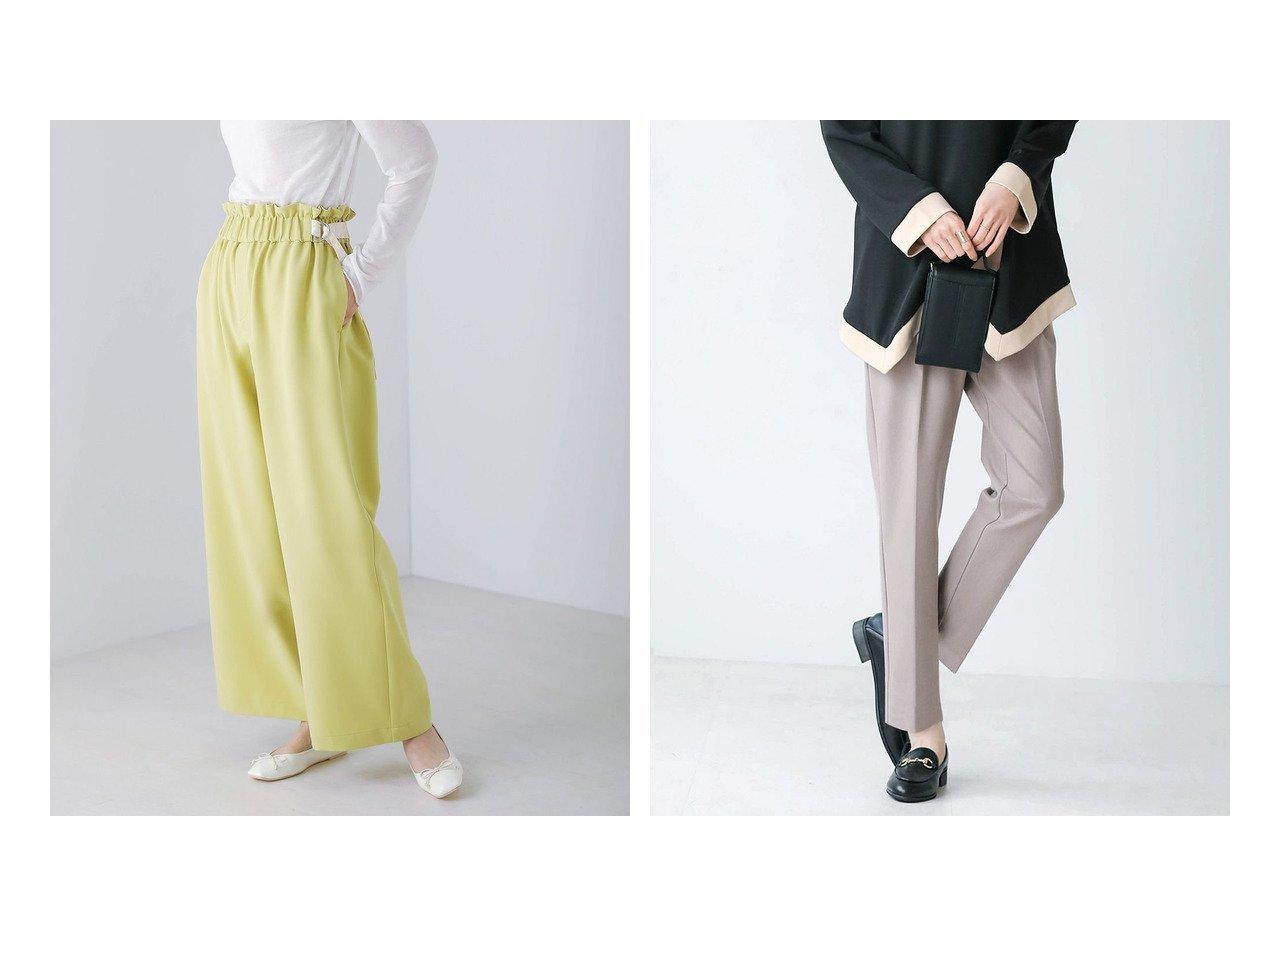 【Bou Jeloud/ブージュルード】のサイドベルトセミワイドパンツ&ステインガート テーパードパンツ おすすめ!人気!プチプライスで上品なファッションアイテムの通販  おすすめで人気の流行・トレンド、ファッションの通販商品 メンズファッション・キッズファッション・インテリア・家具・レディースファッション・服の通販 founy(ファニー) https://founy.com/ ファッション Fashion レディースファッション WOMEN パンツ Pants ベルト Belts ギャザー プチプライス・低価格 Affordable ワイド ストレッチ センター |ID:crp329100000021376